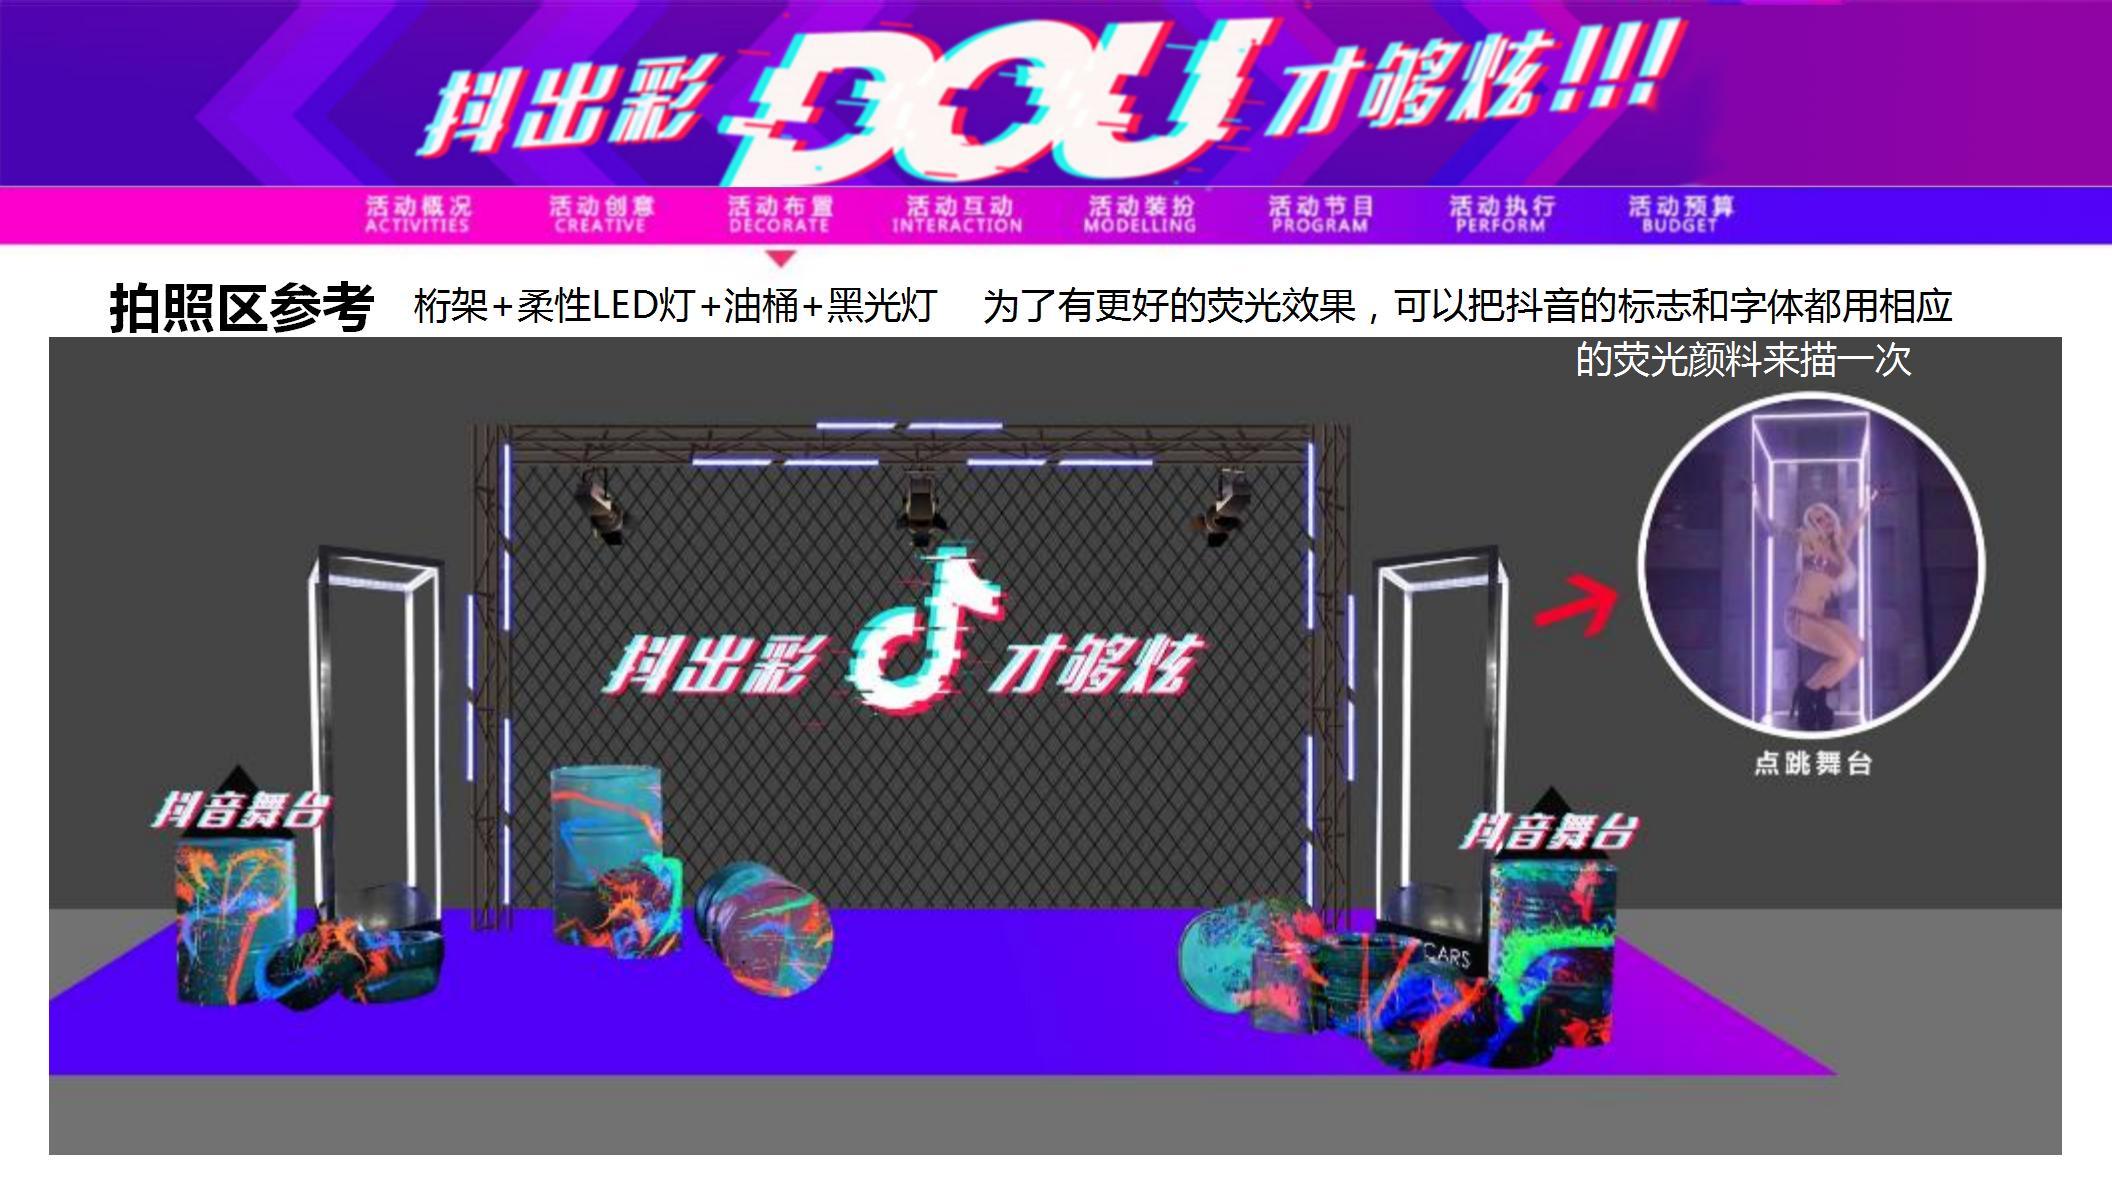 """020抖音荧光派对""""抖出彩才够炫"""",五一劳动节活动策划方案"""""""